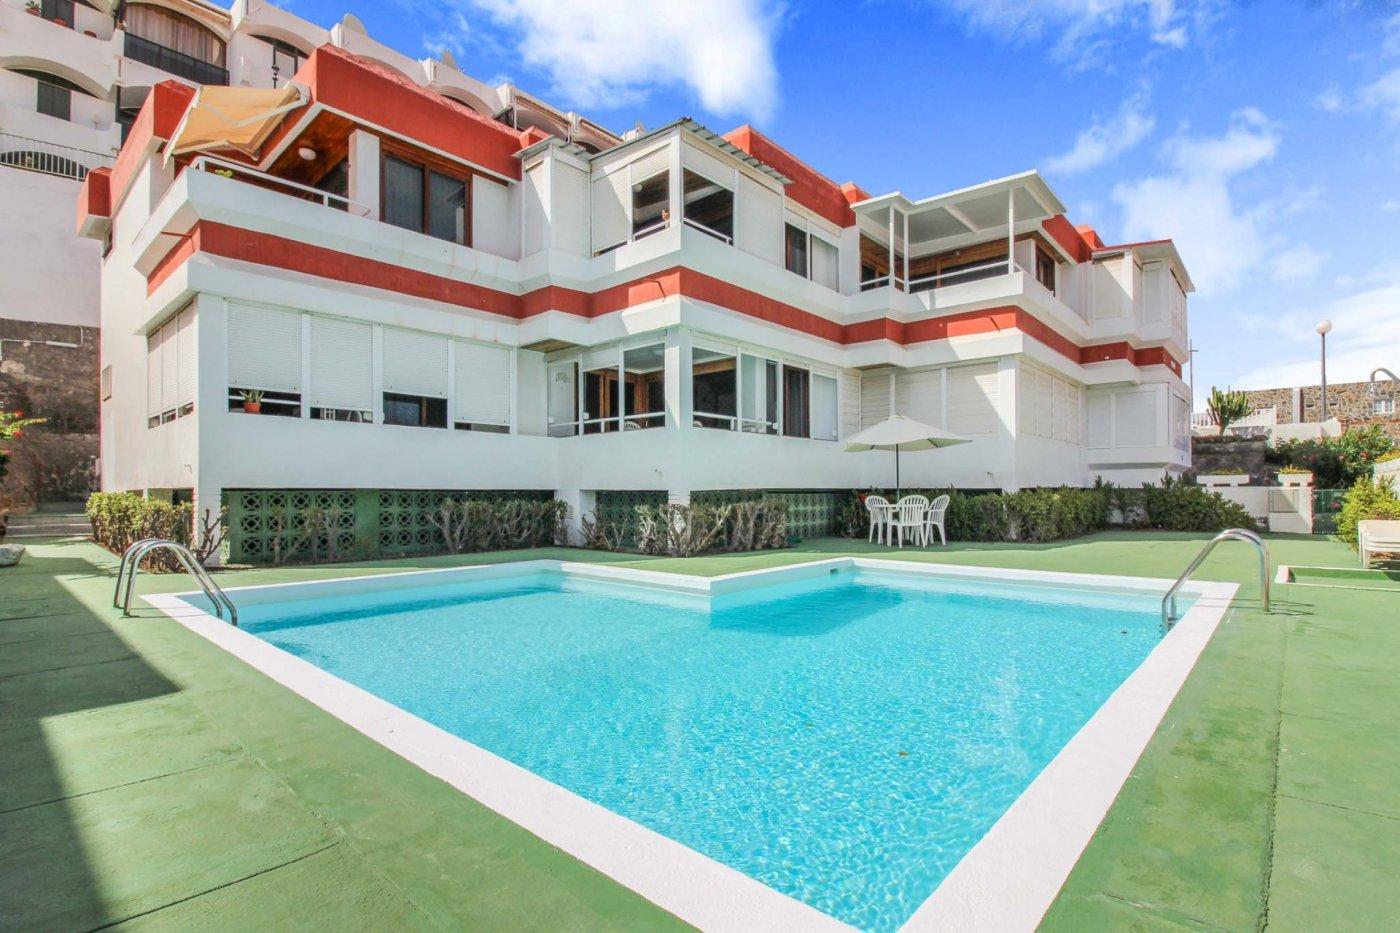 Apartmán v centru Puerto Rico